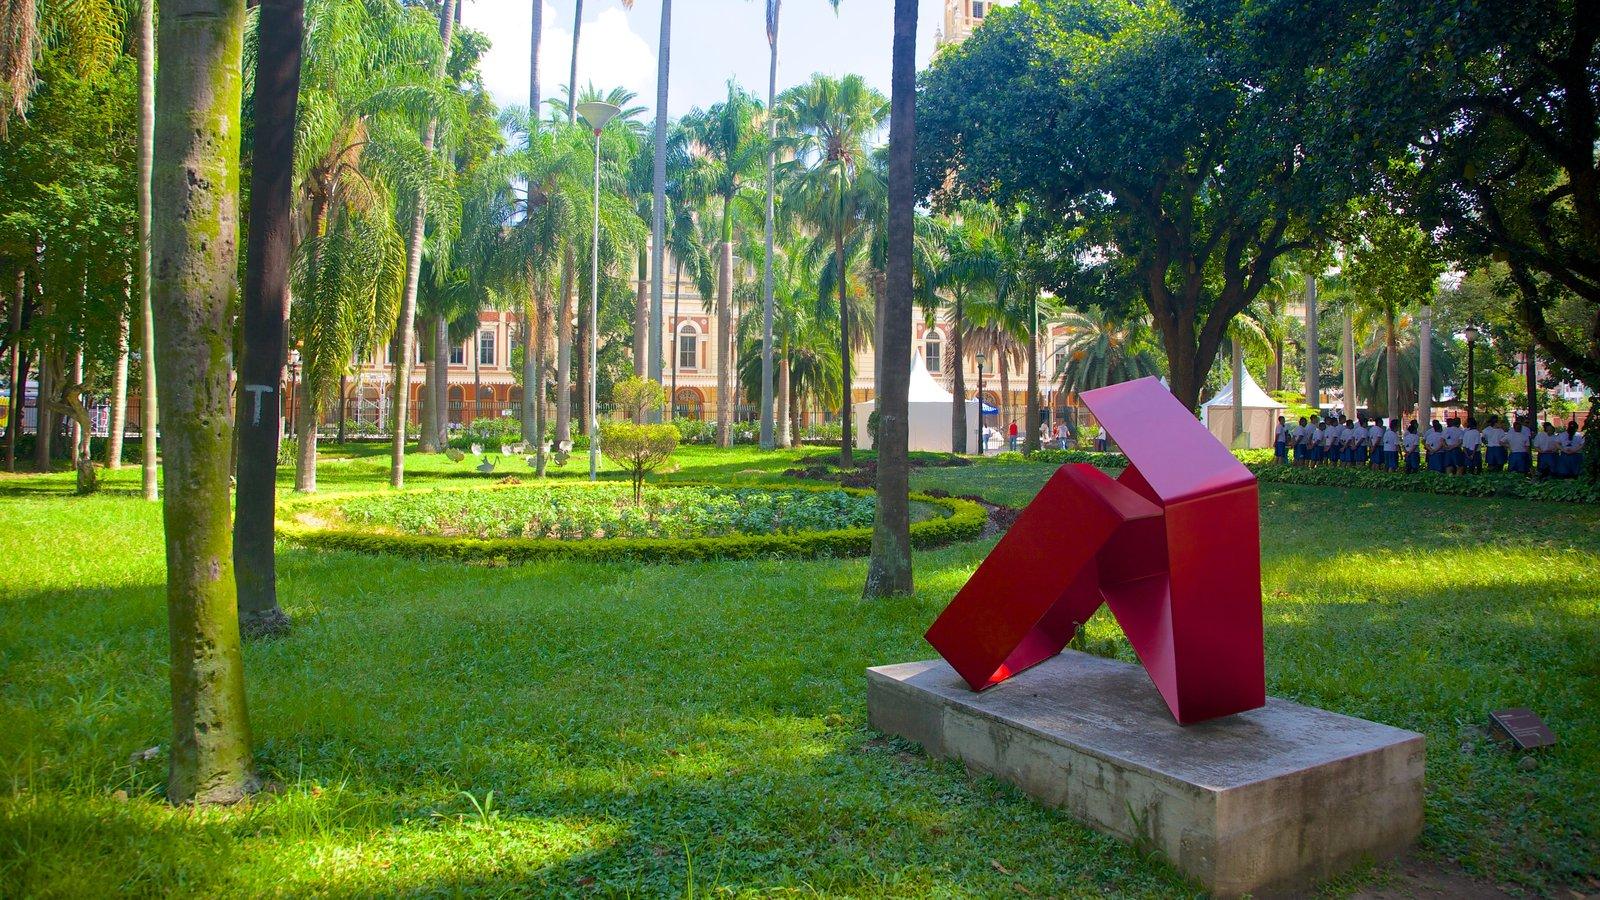 Itajaí caracterizando arte, um parque e arte ao ar livre